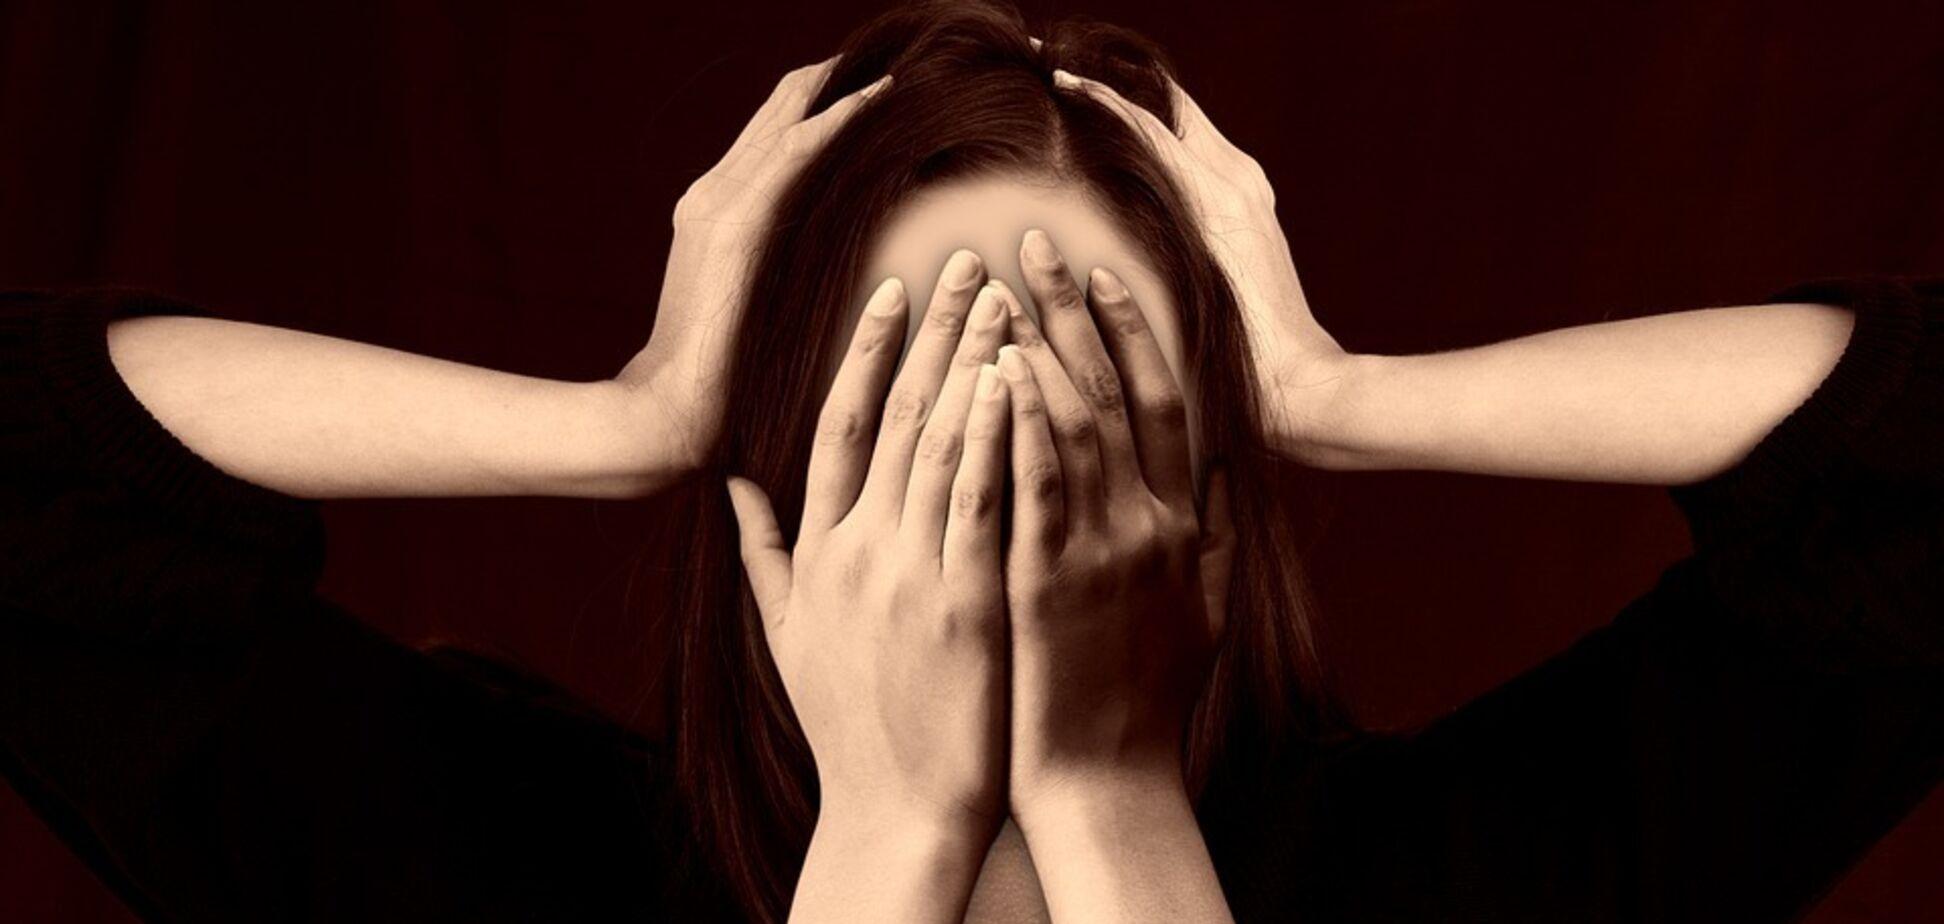 Названа опасность хронического стресса для здоровья и фигуры